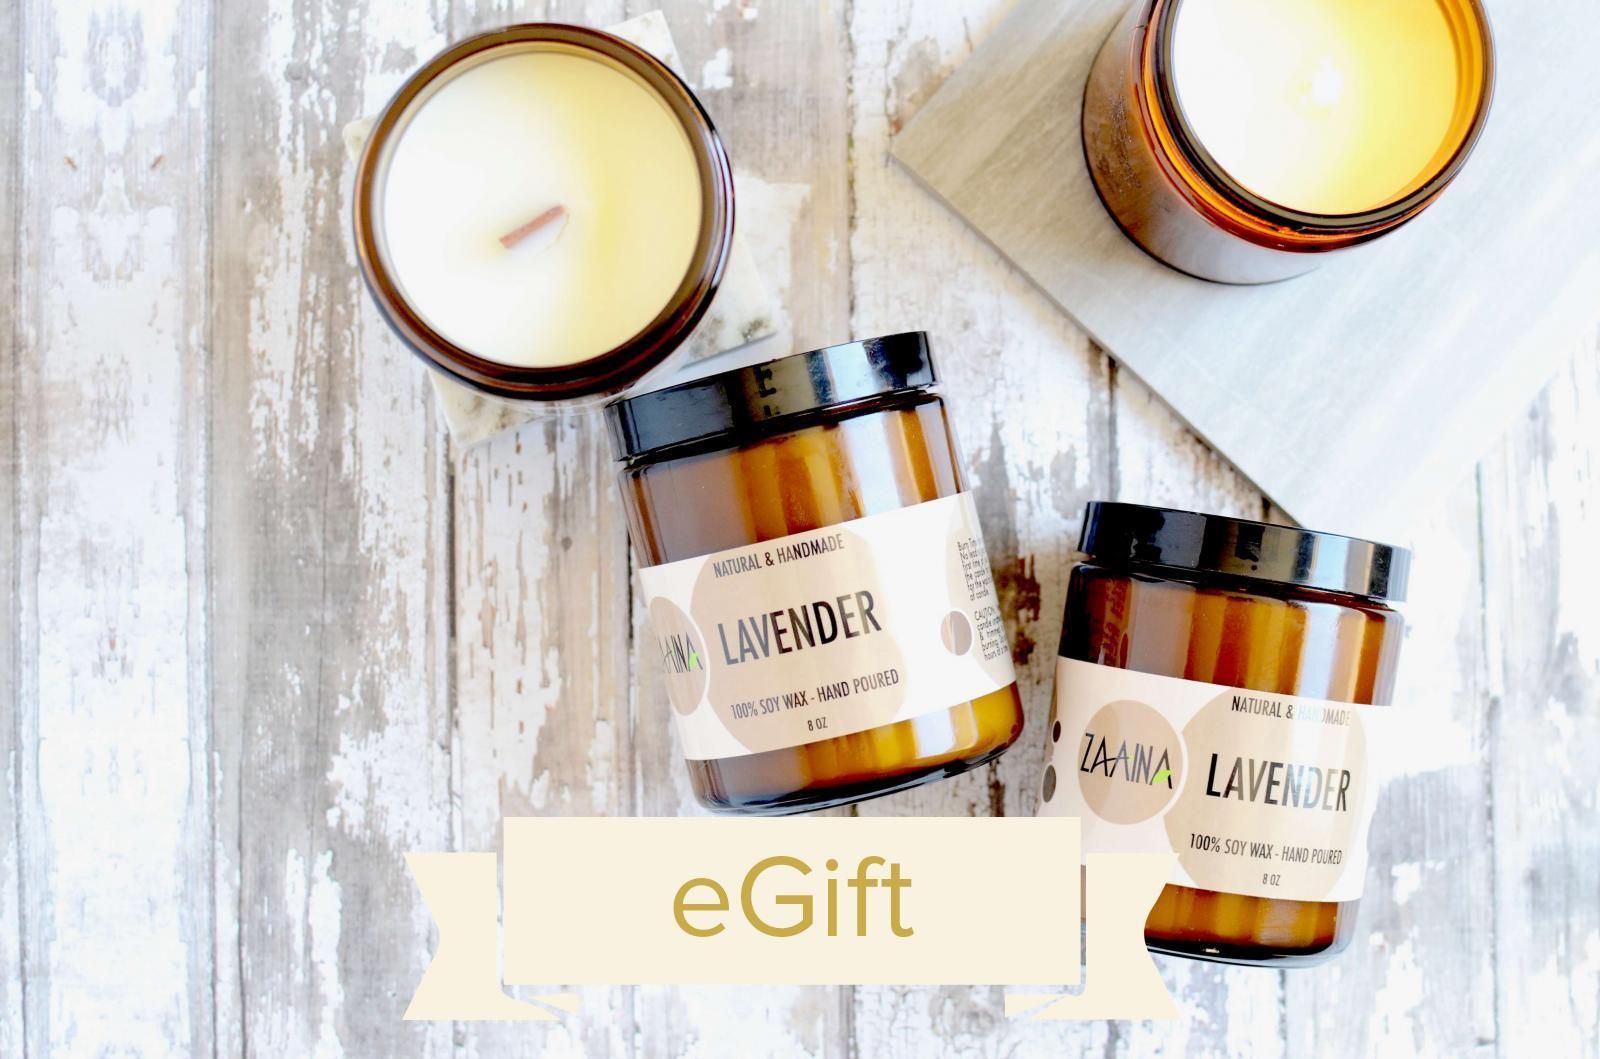 Lavender Soy Candle Gift Set eGift